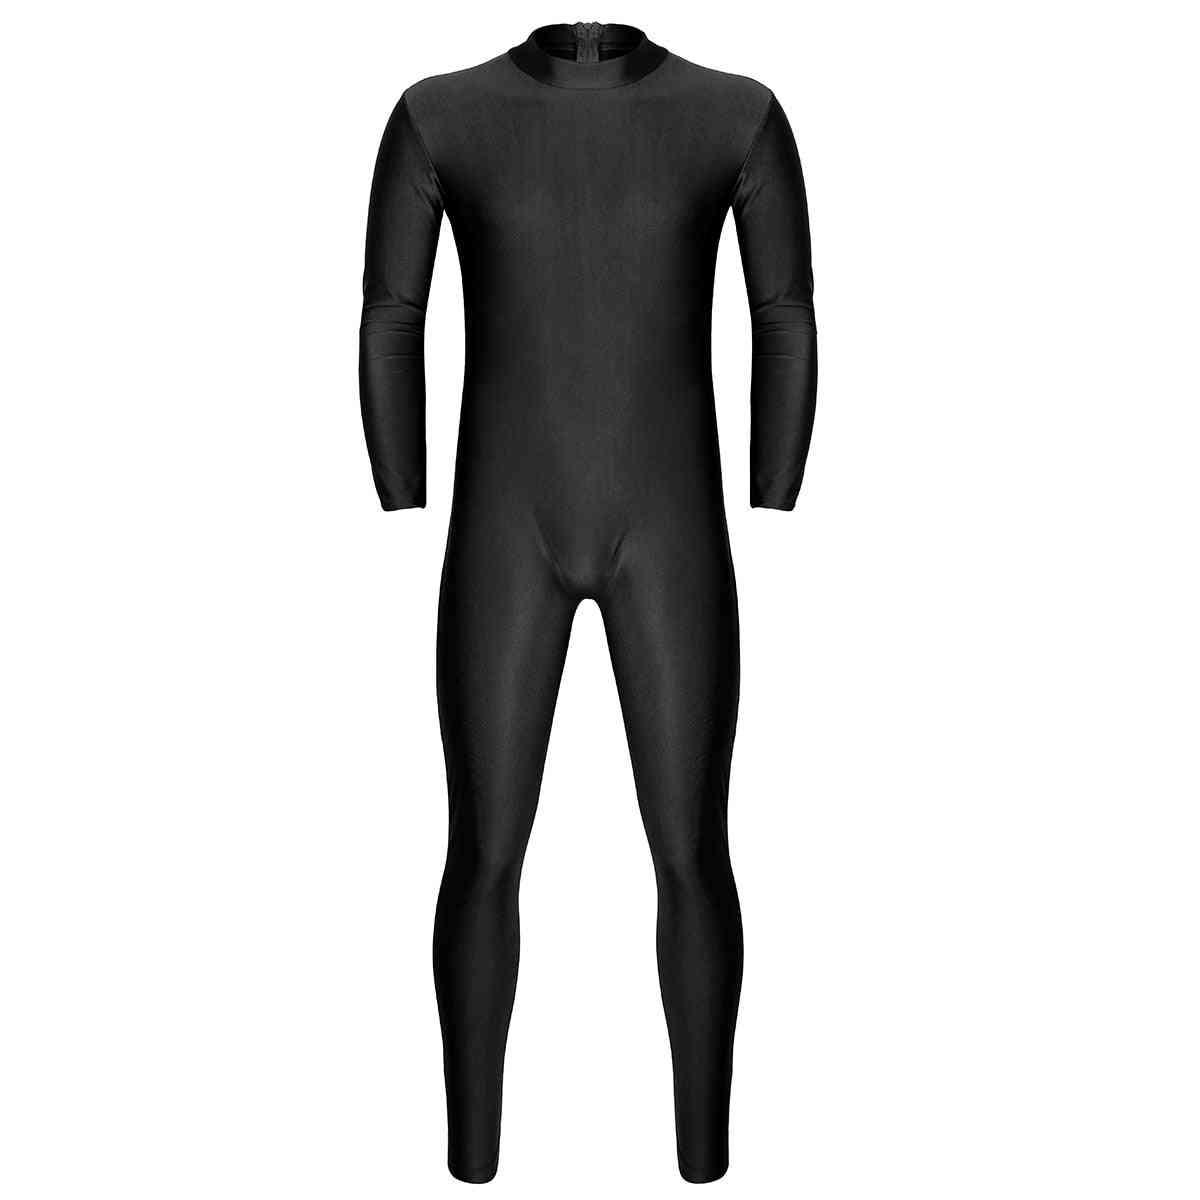 Full Body Skin-tight Jumpsuit, Zentai Suit Bodysuit